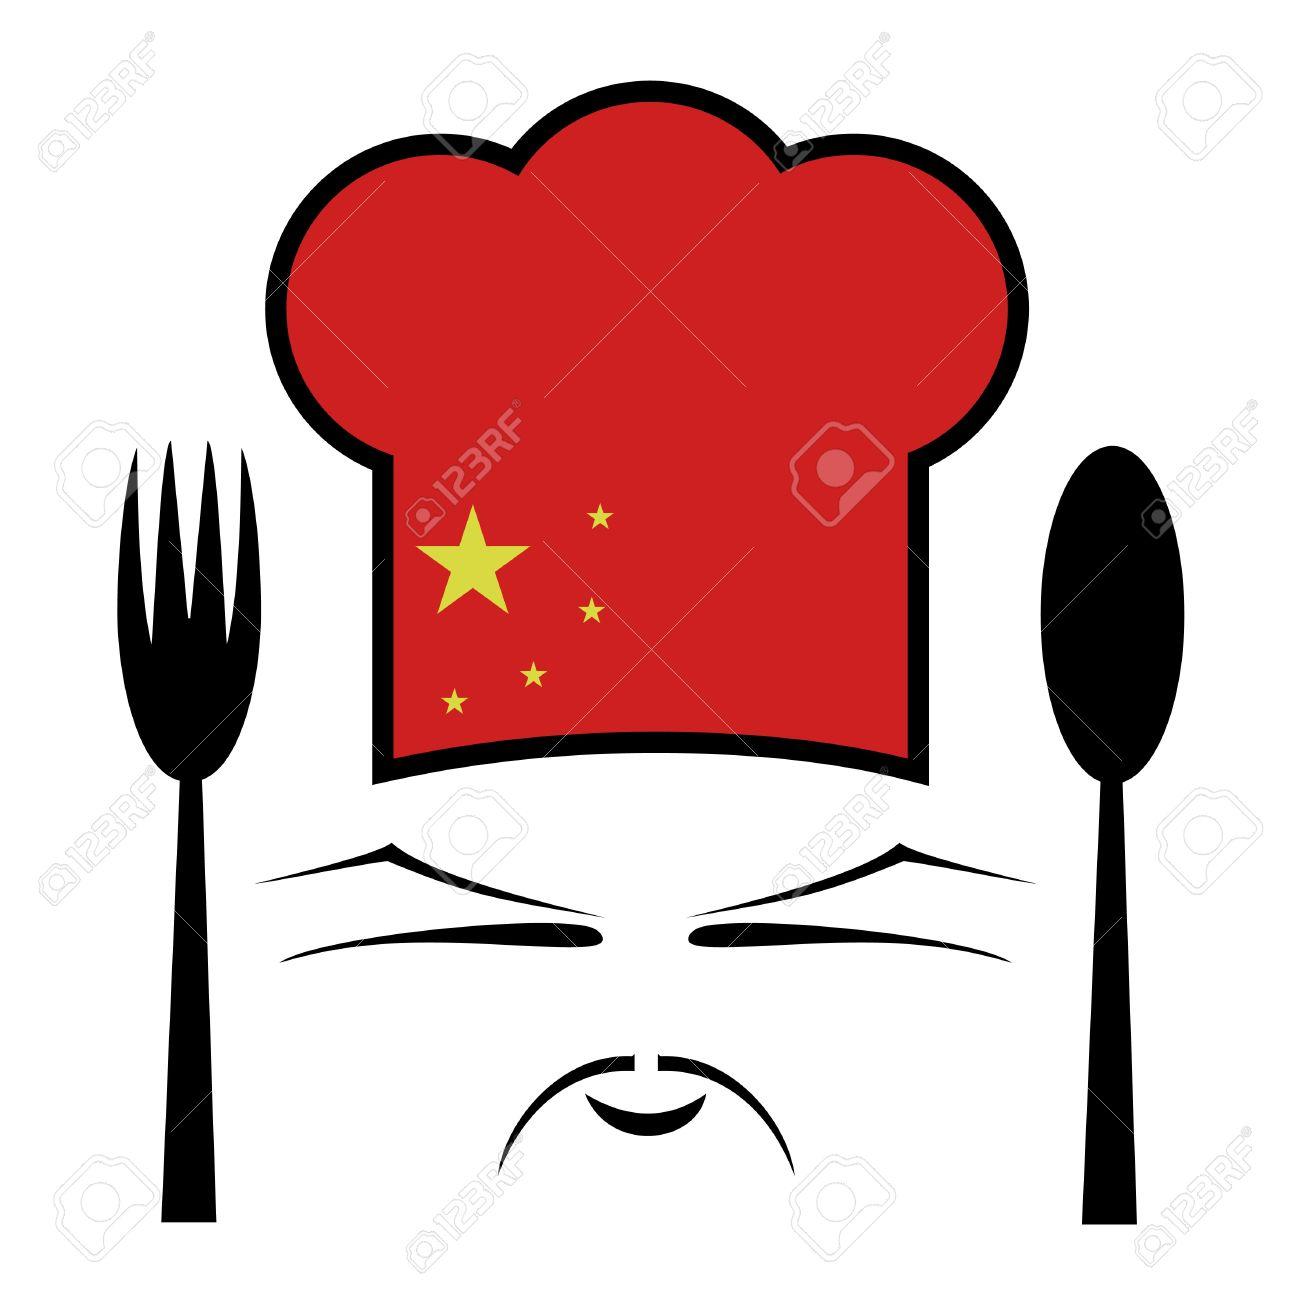 Chinese Chef (123RF)